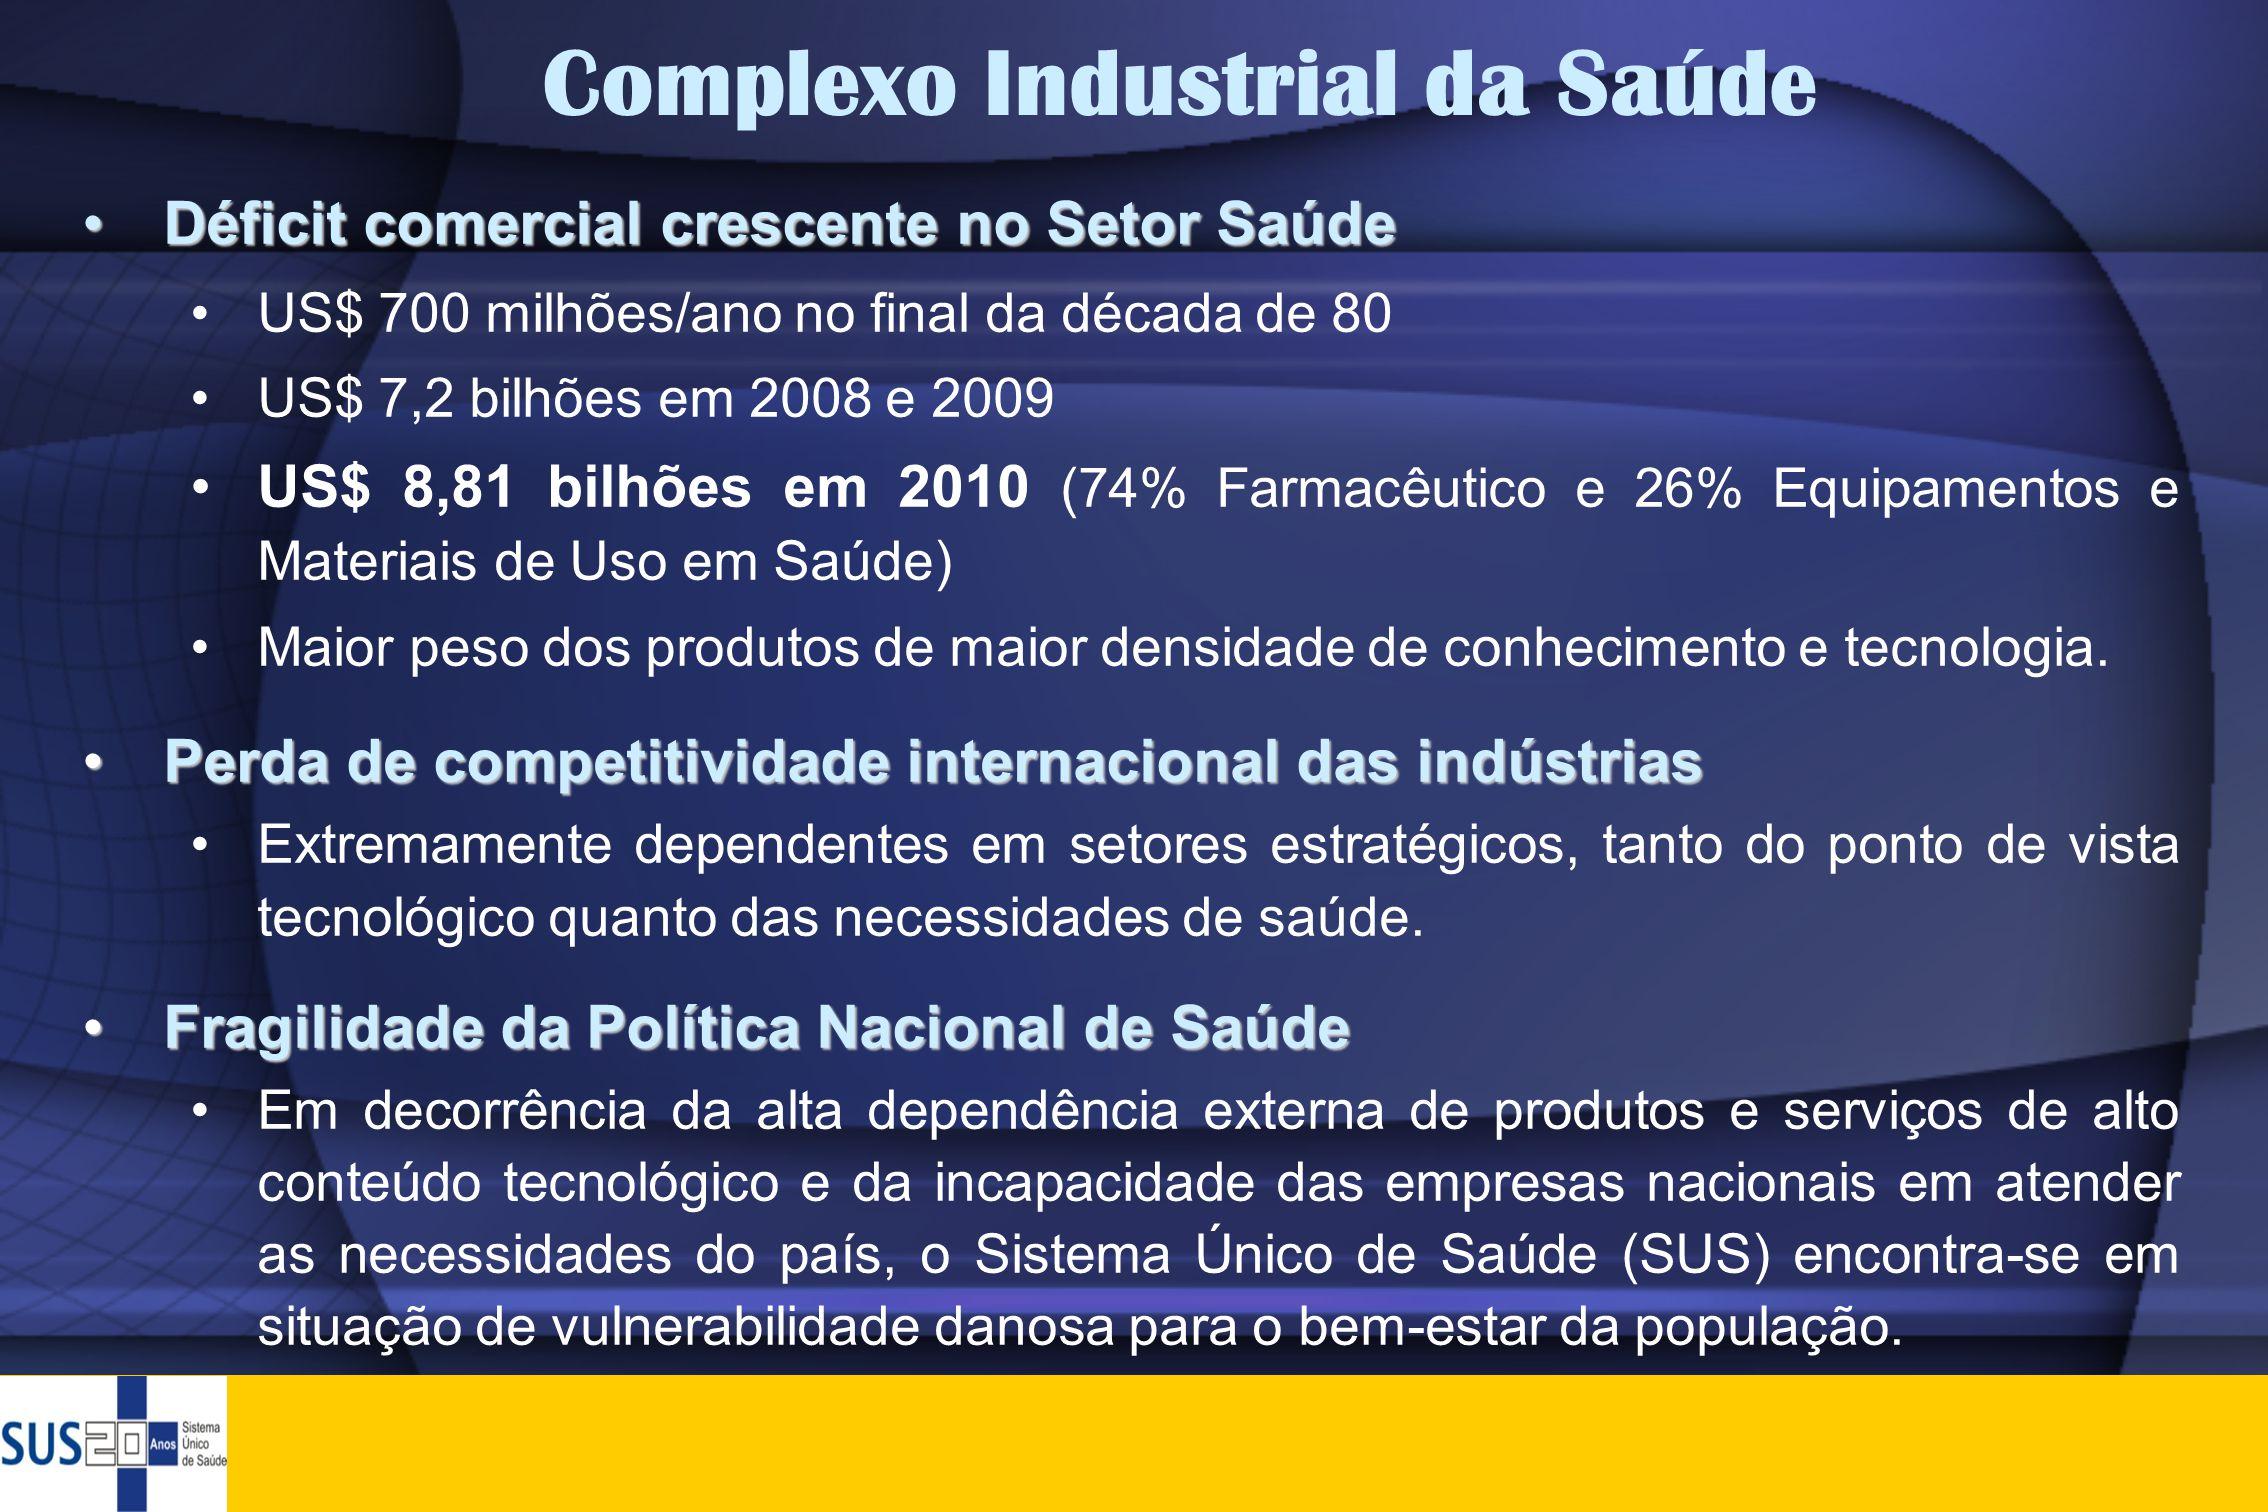 Complexo Industrial da Saúde •Déficit comercial crescente no Setor Saúde •US$ 700 milhões/ano no final da década de 80 •US$ 7,2 bilhões em 2008 e 2009